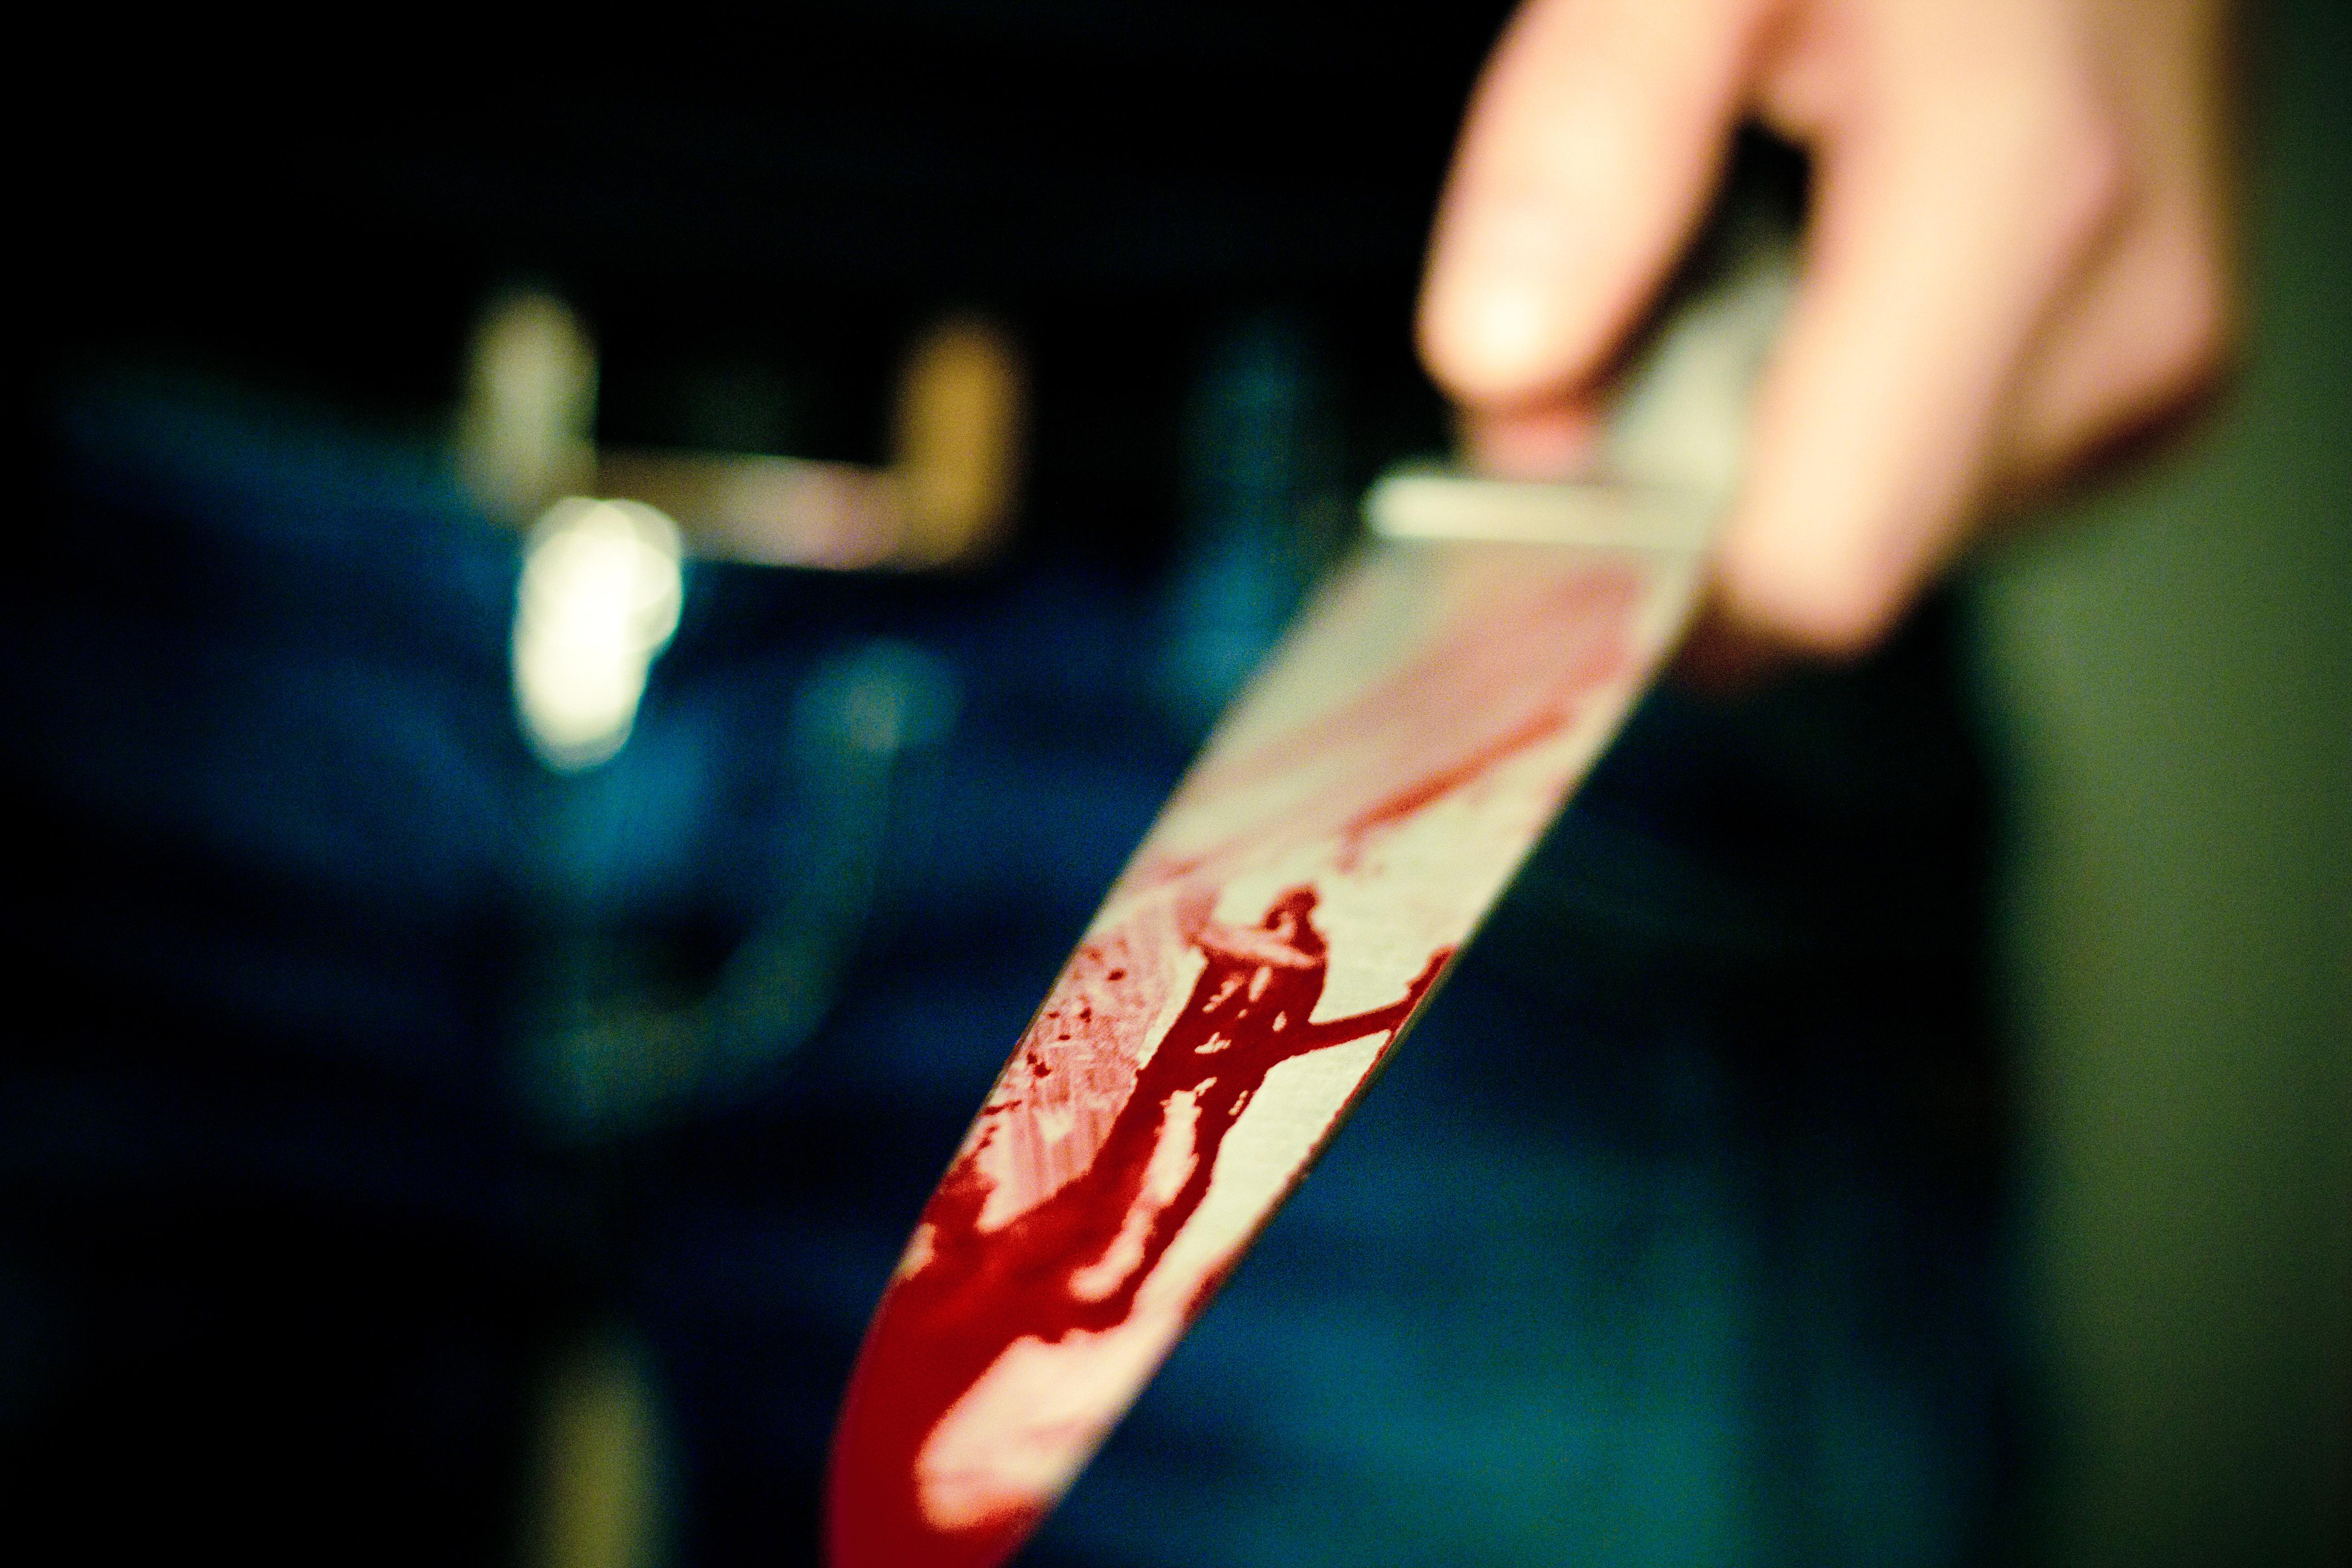 Пьяный красноярец с ножом напал на 9-летнего мальчика